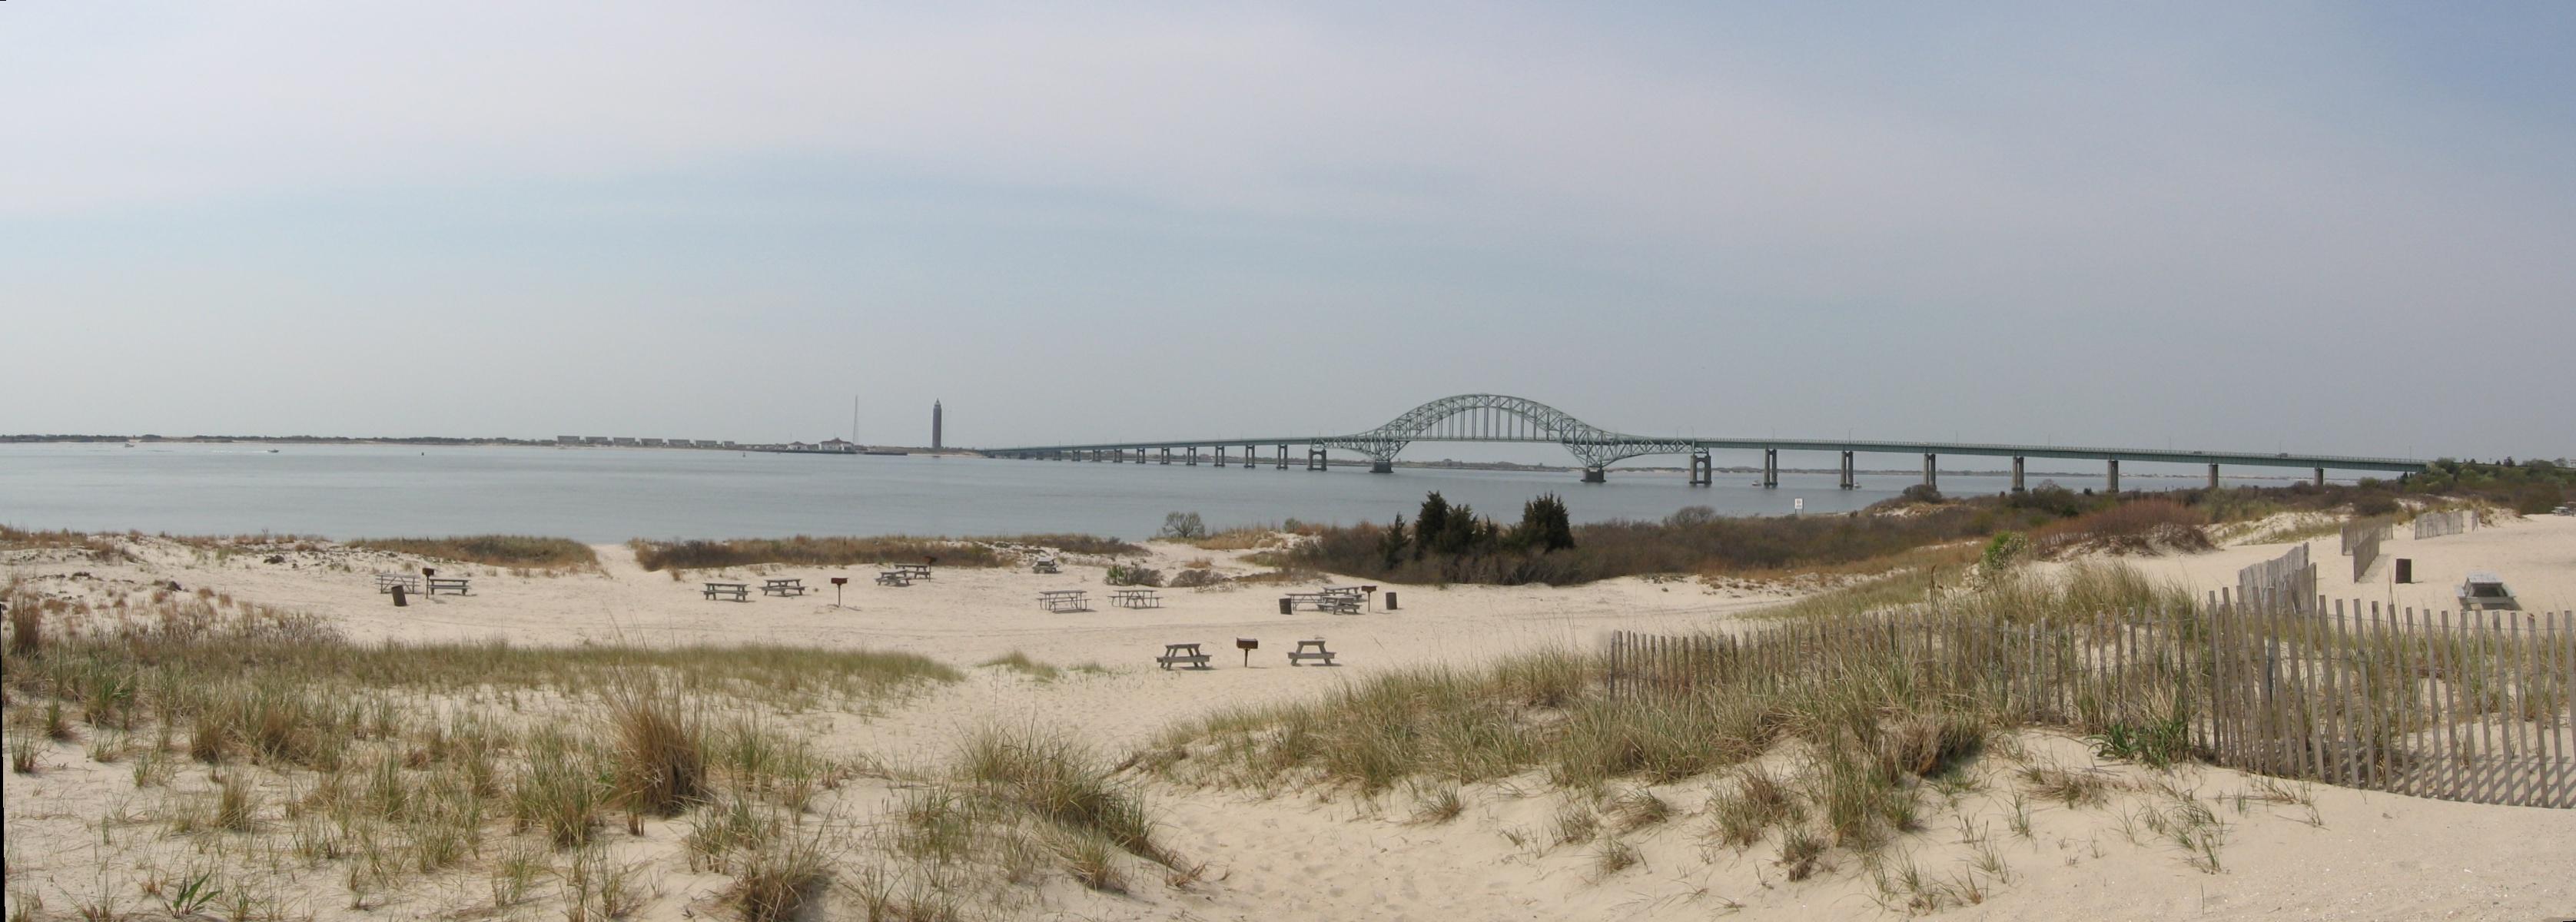 FilePano Robert Moses Bridge